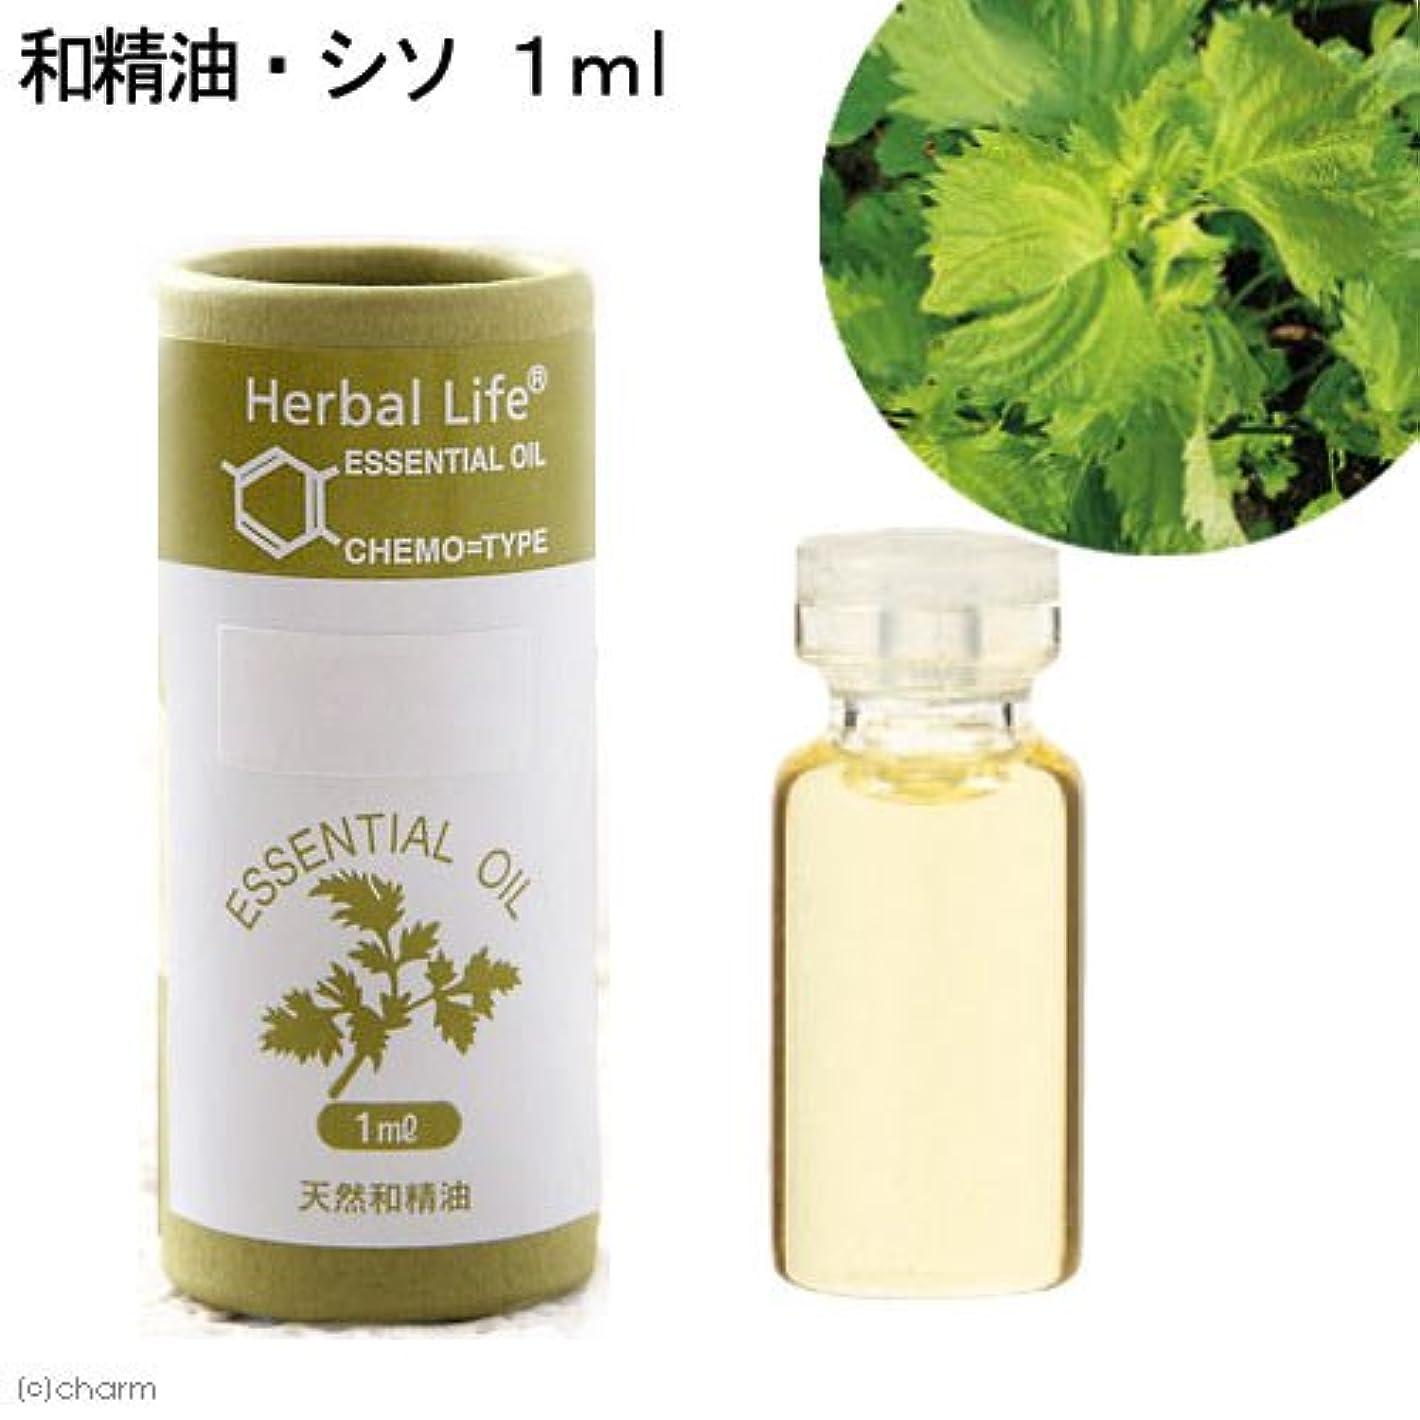 デクリメント拮抗する透明に生活の木 Herbal Life 和精油 紫蘇 1ml